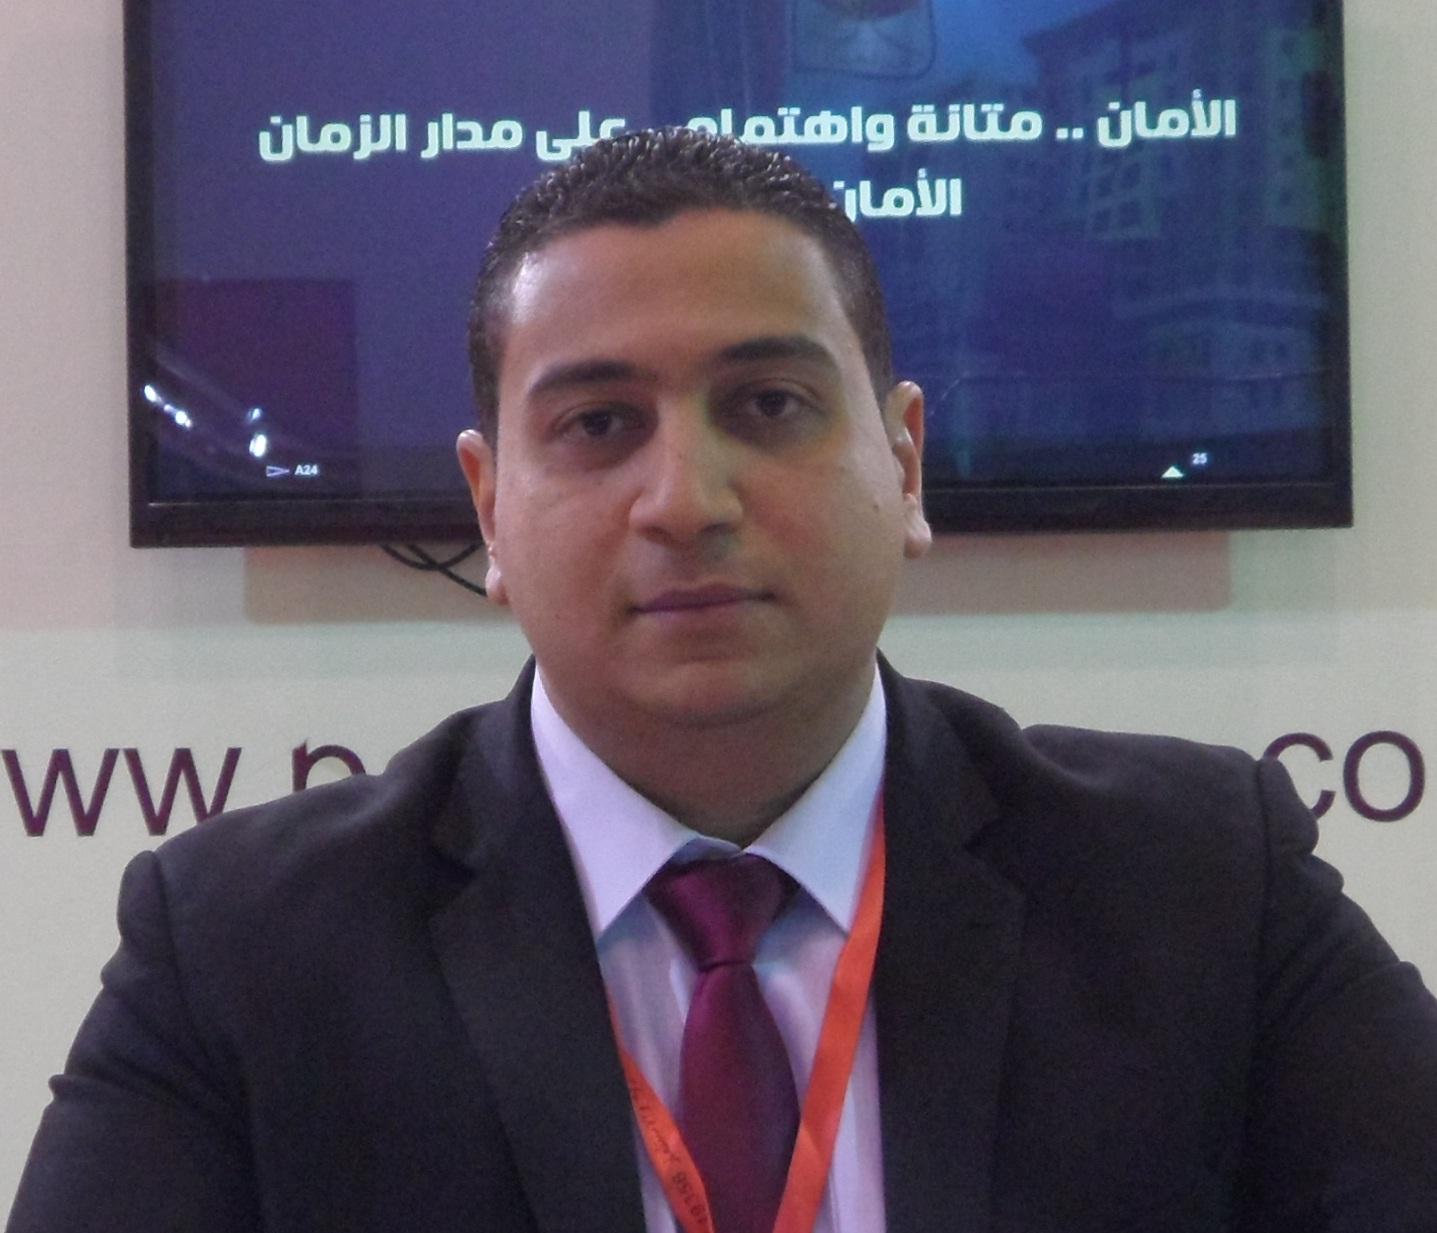 خالد السعيد Profile Picture